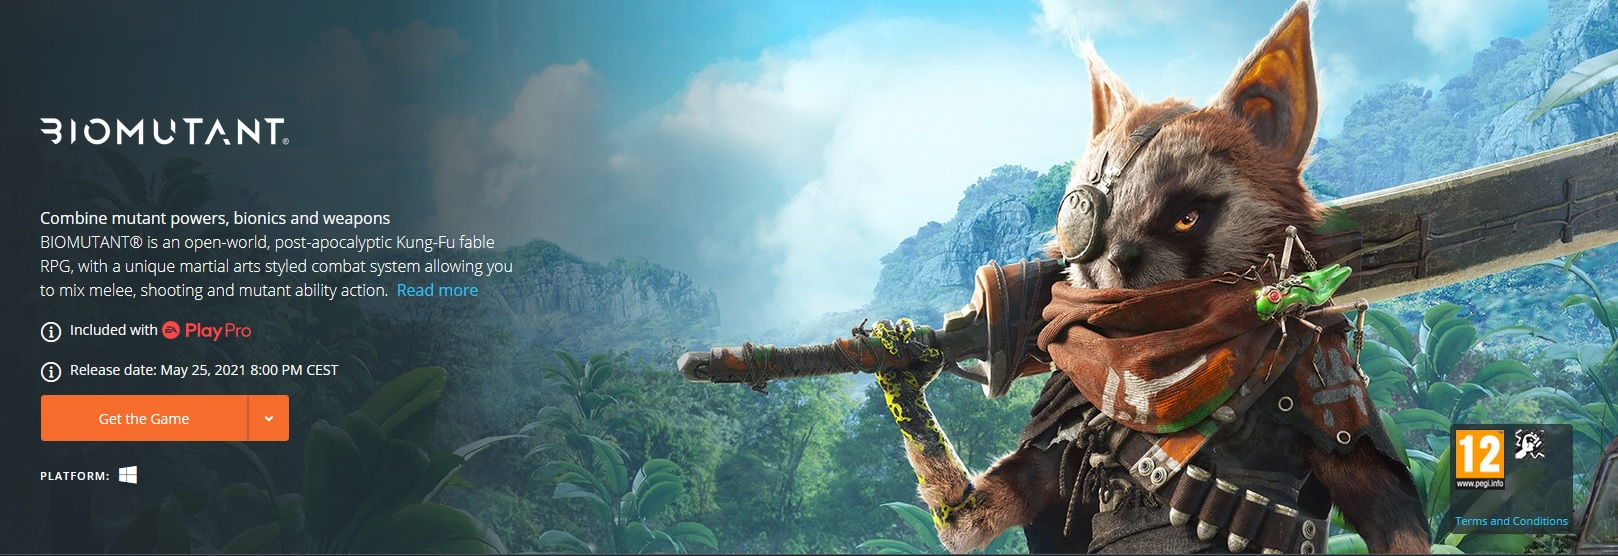 Biomutant bude součástí předplatného EA Play Pro Biomutant Origin